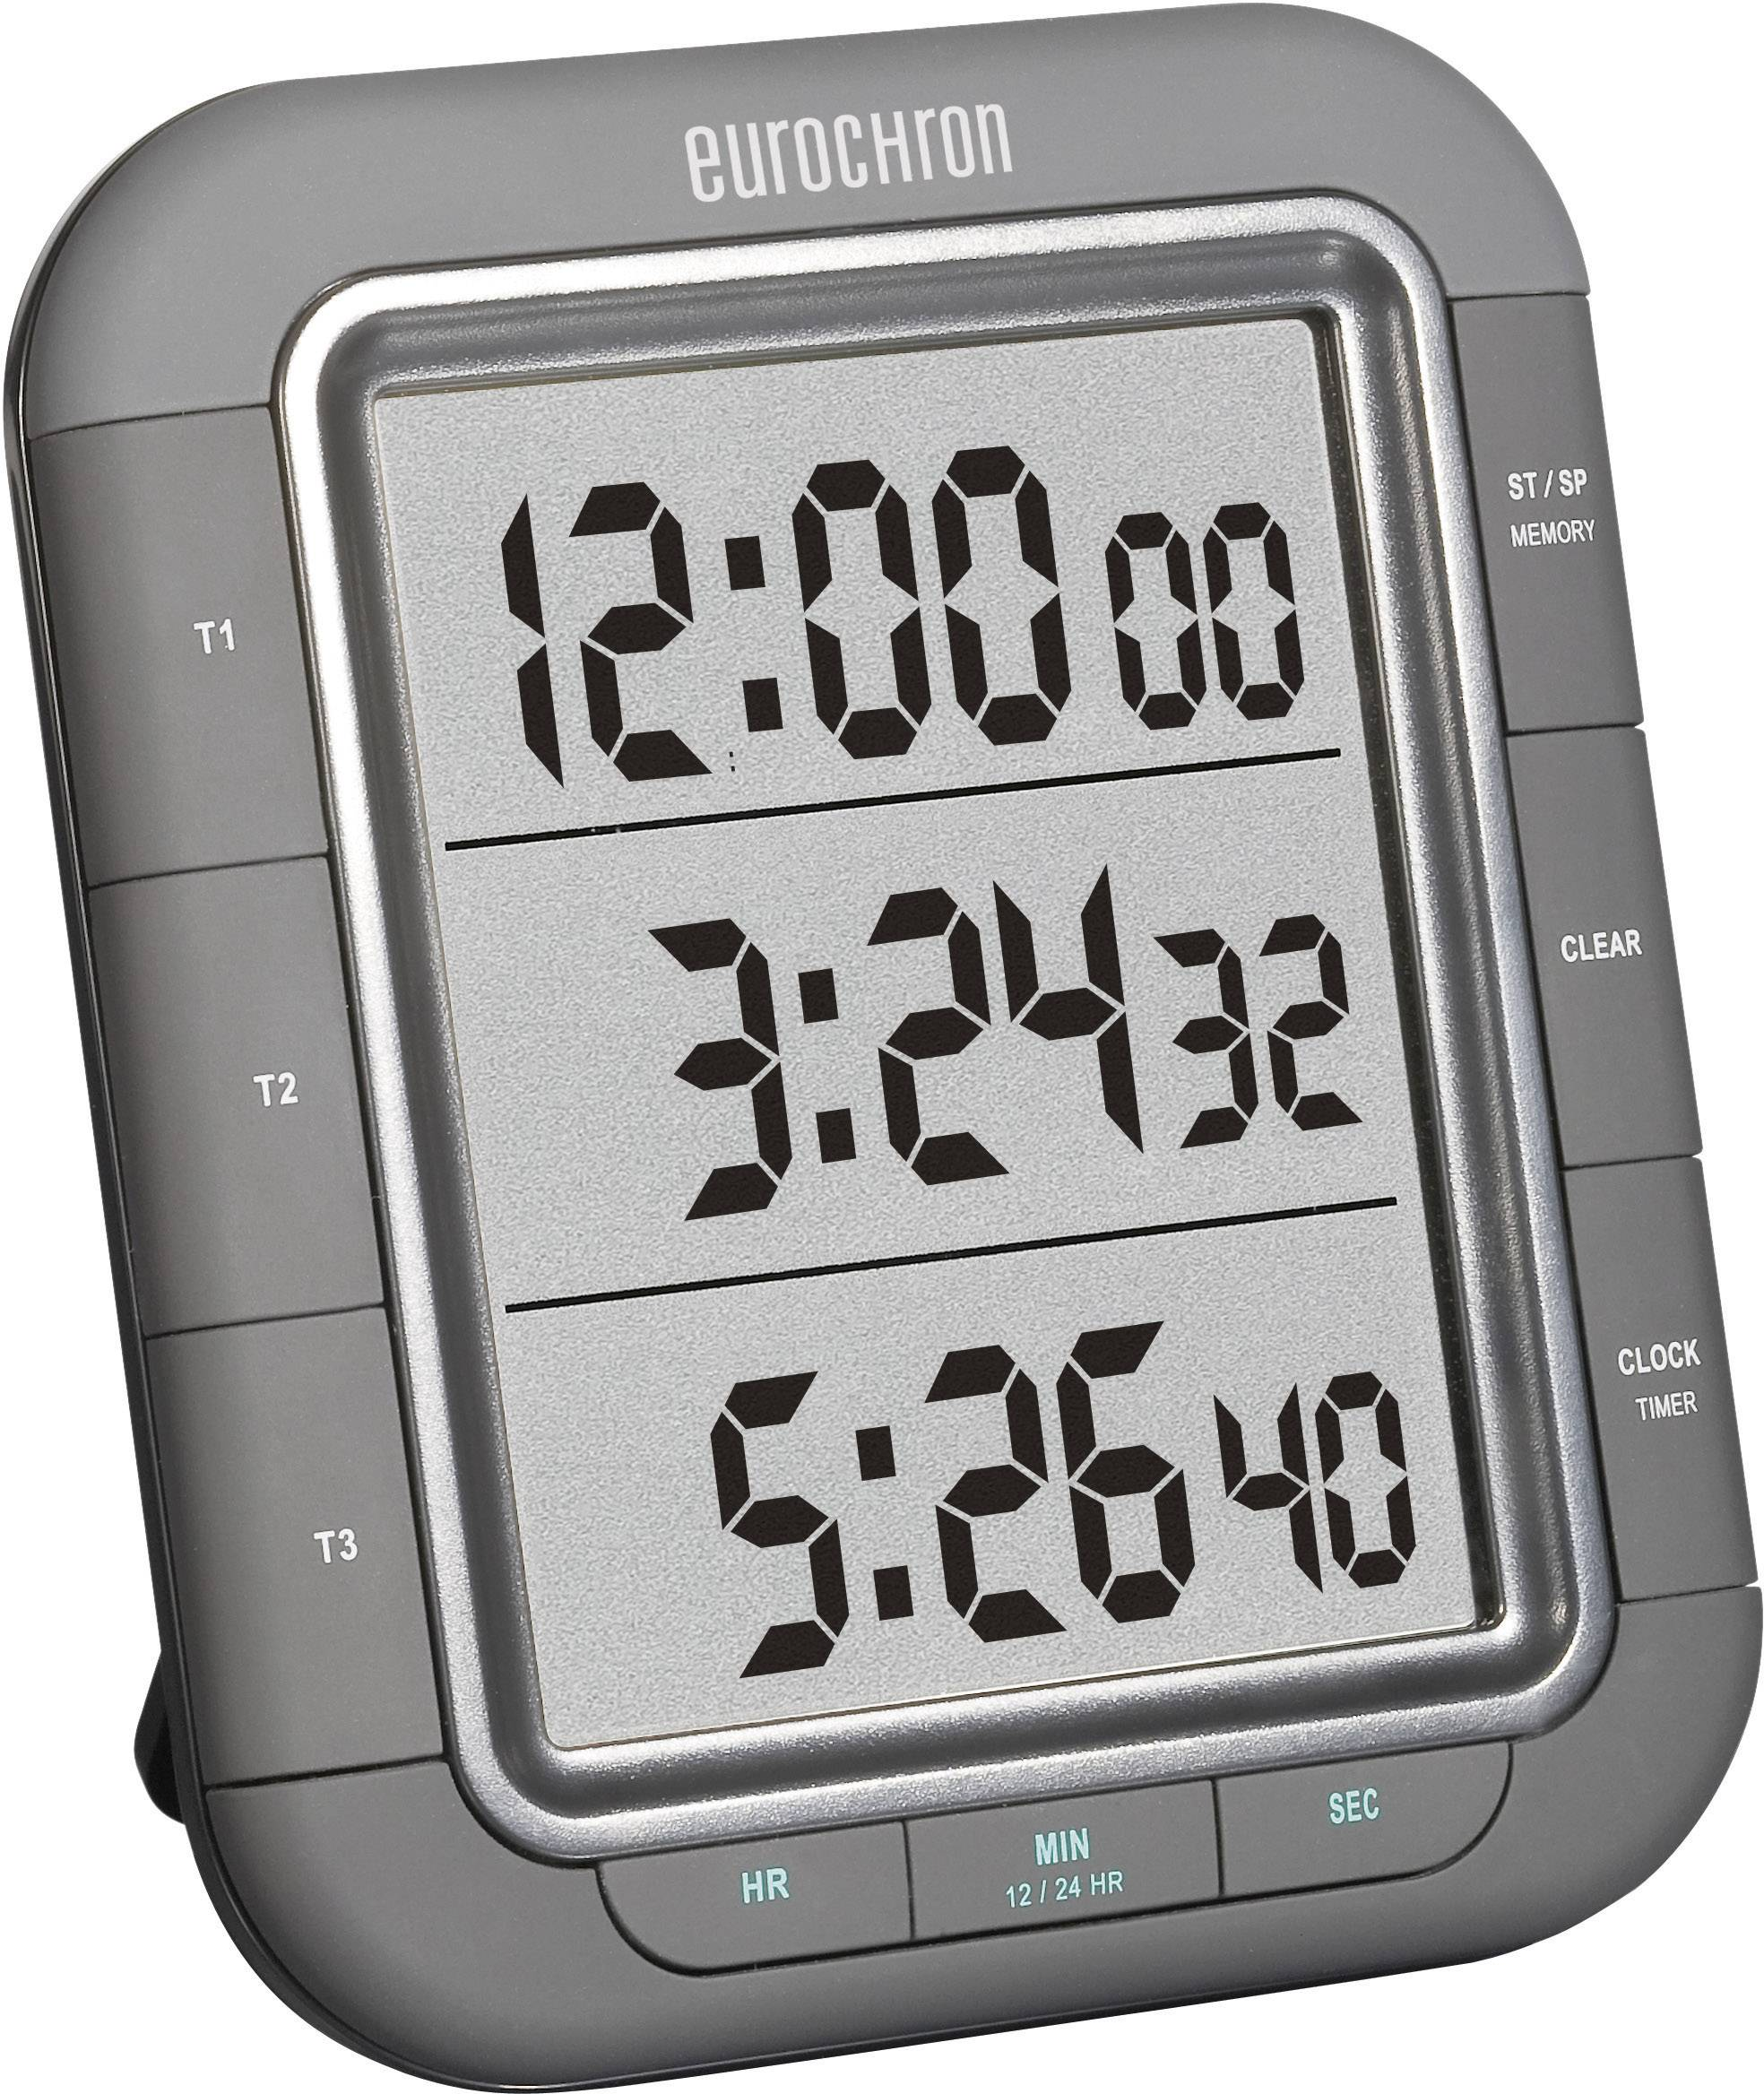 Digitálny časovač Eurochron EDT 9000, 3-zónový